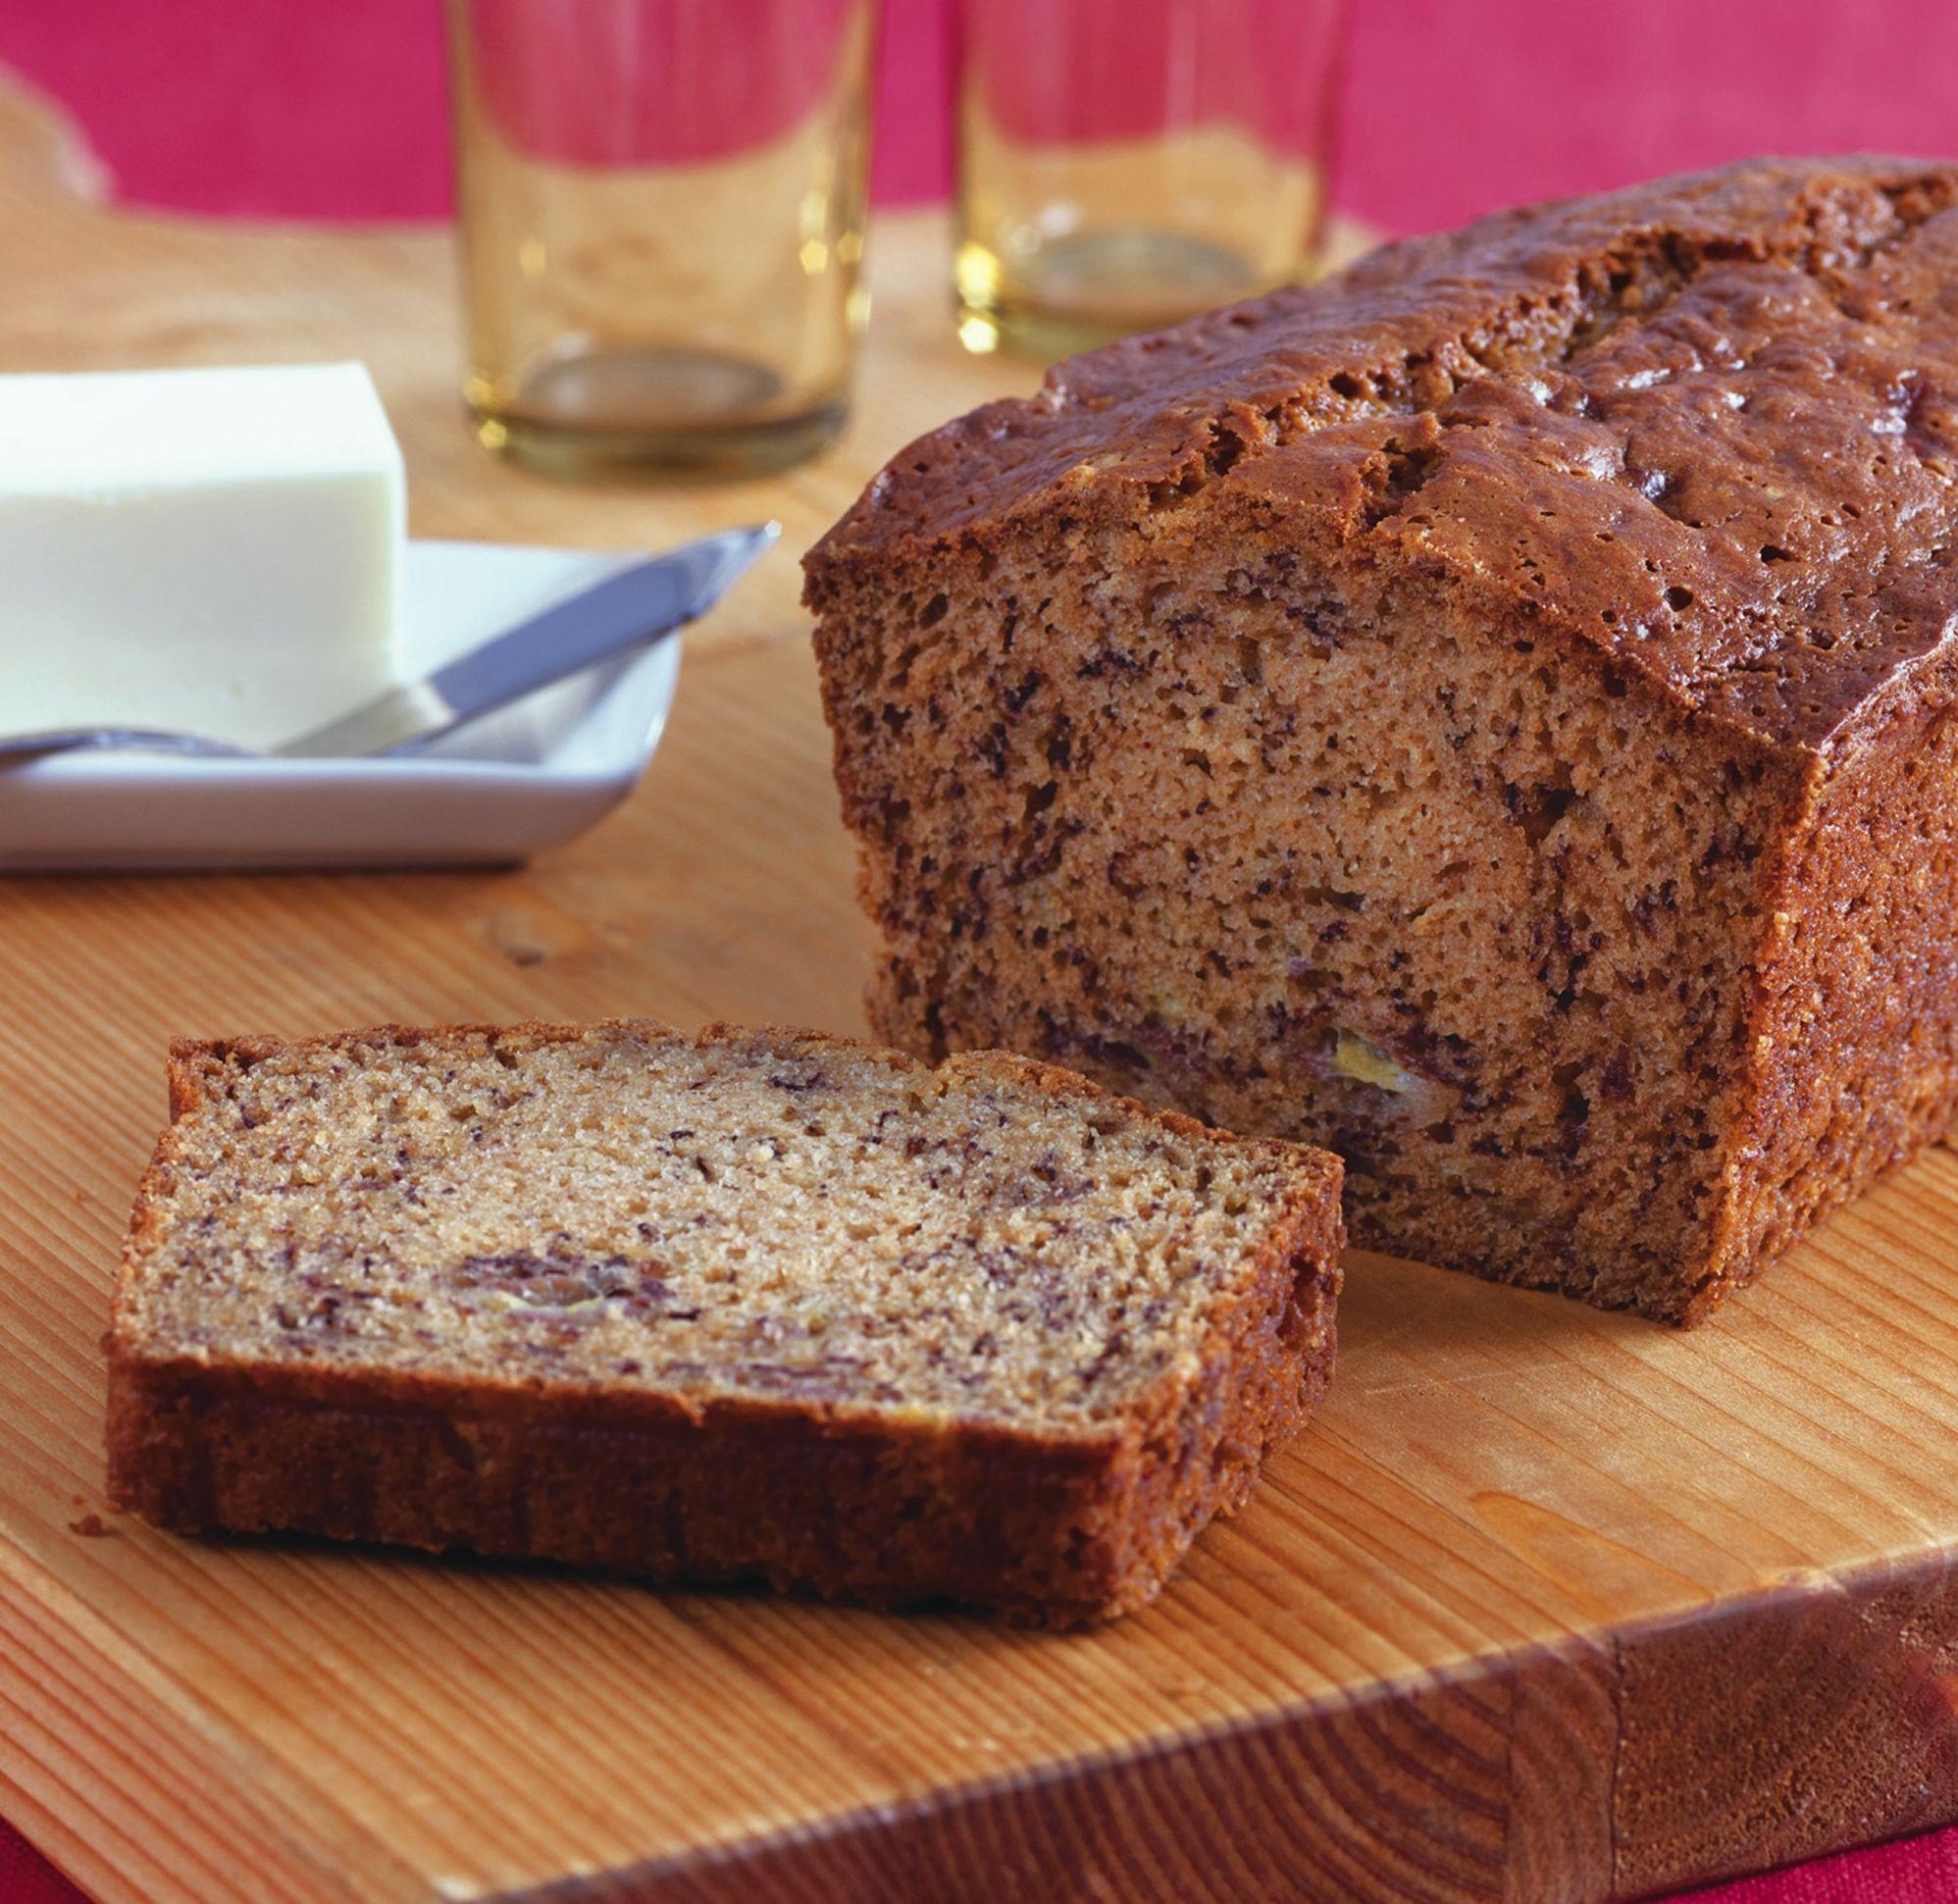 Peanut Butter Banana Bread Recipe Peanut Butter Banana Bread Banana Bread Recipes Banana Bread